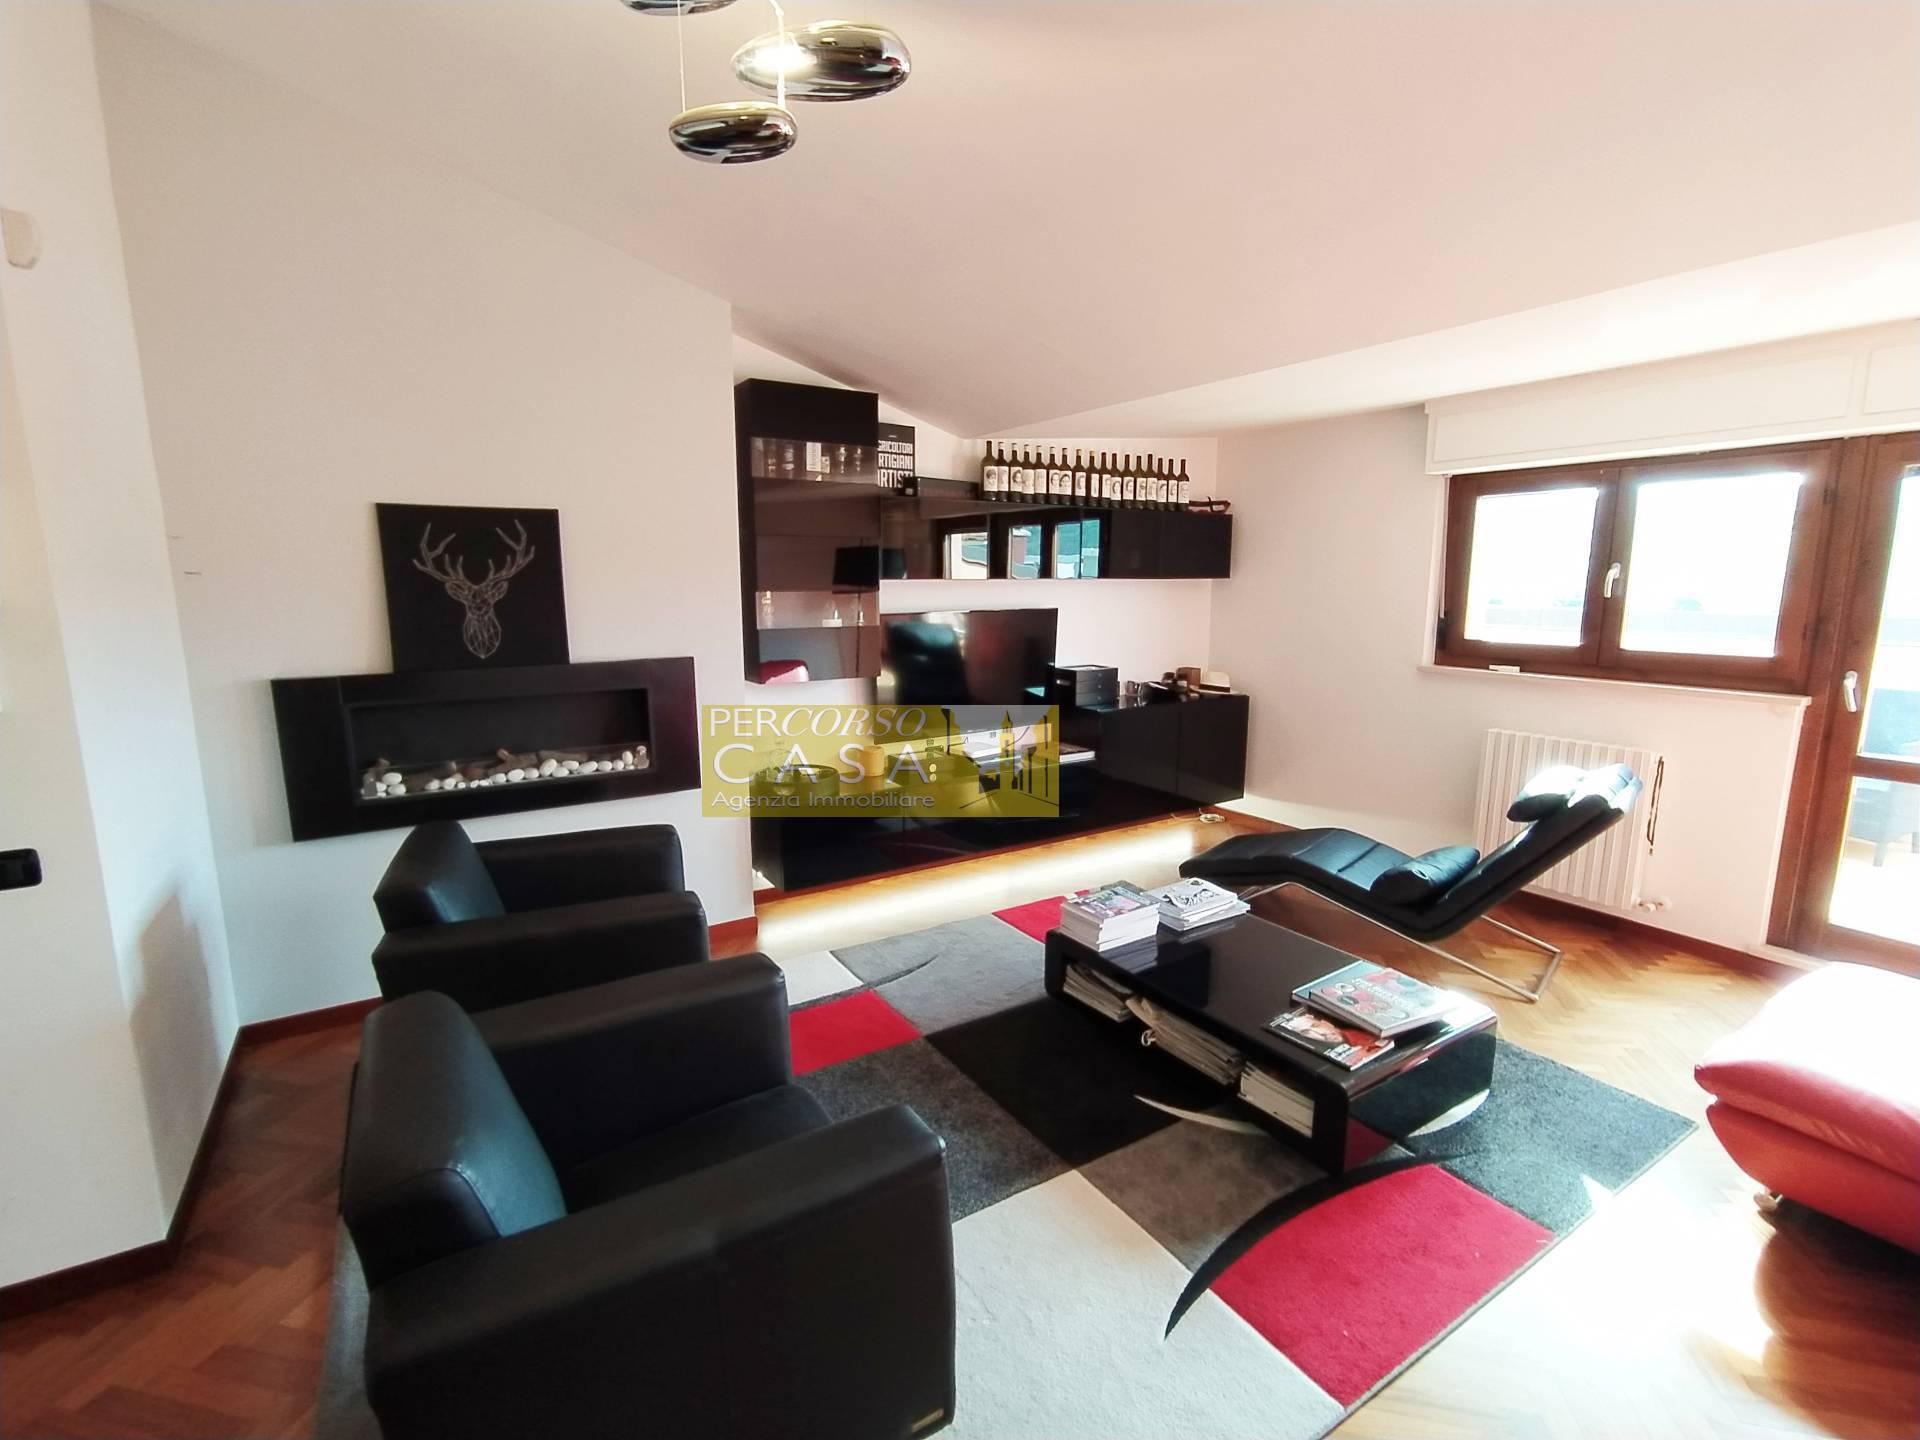 Appartamento in vendita a Teramo, 4 locali, zona Località: SanNicol?aTordino, prezzo € 135.000 | PortaleAgenzieImmobiliari.it